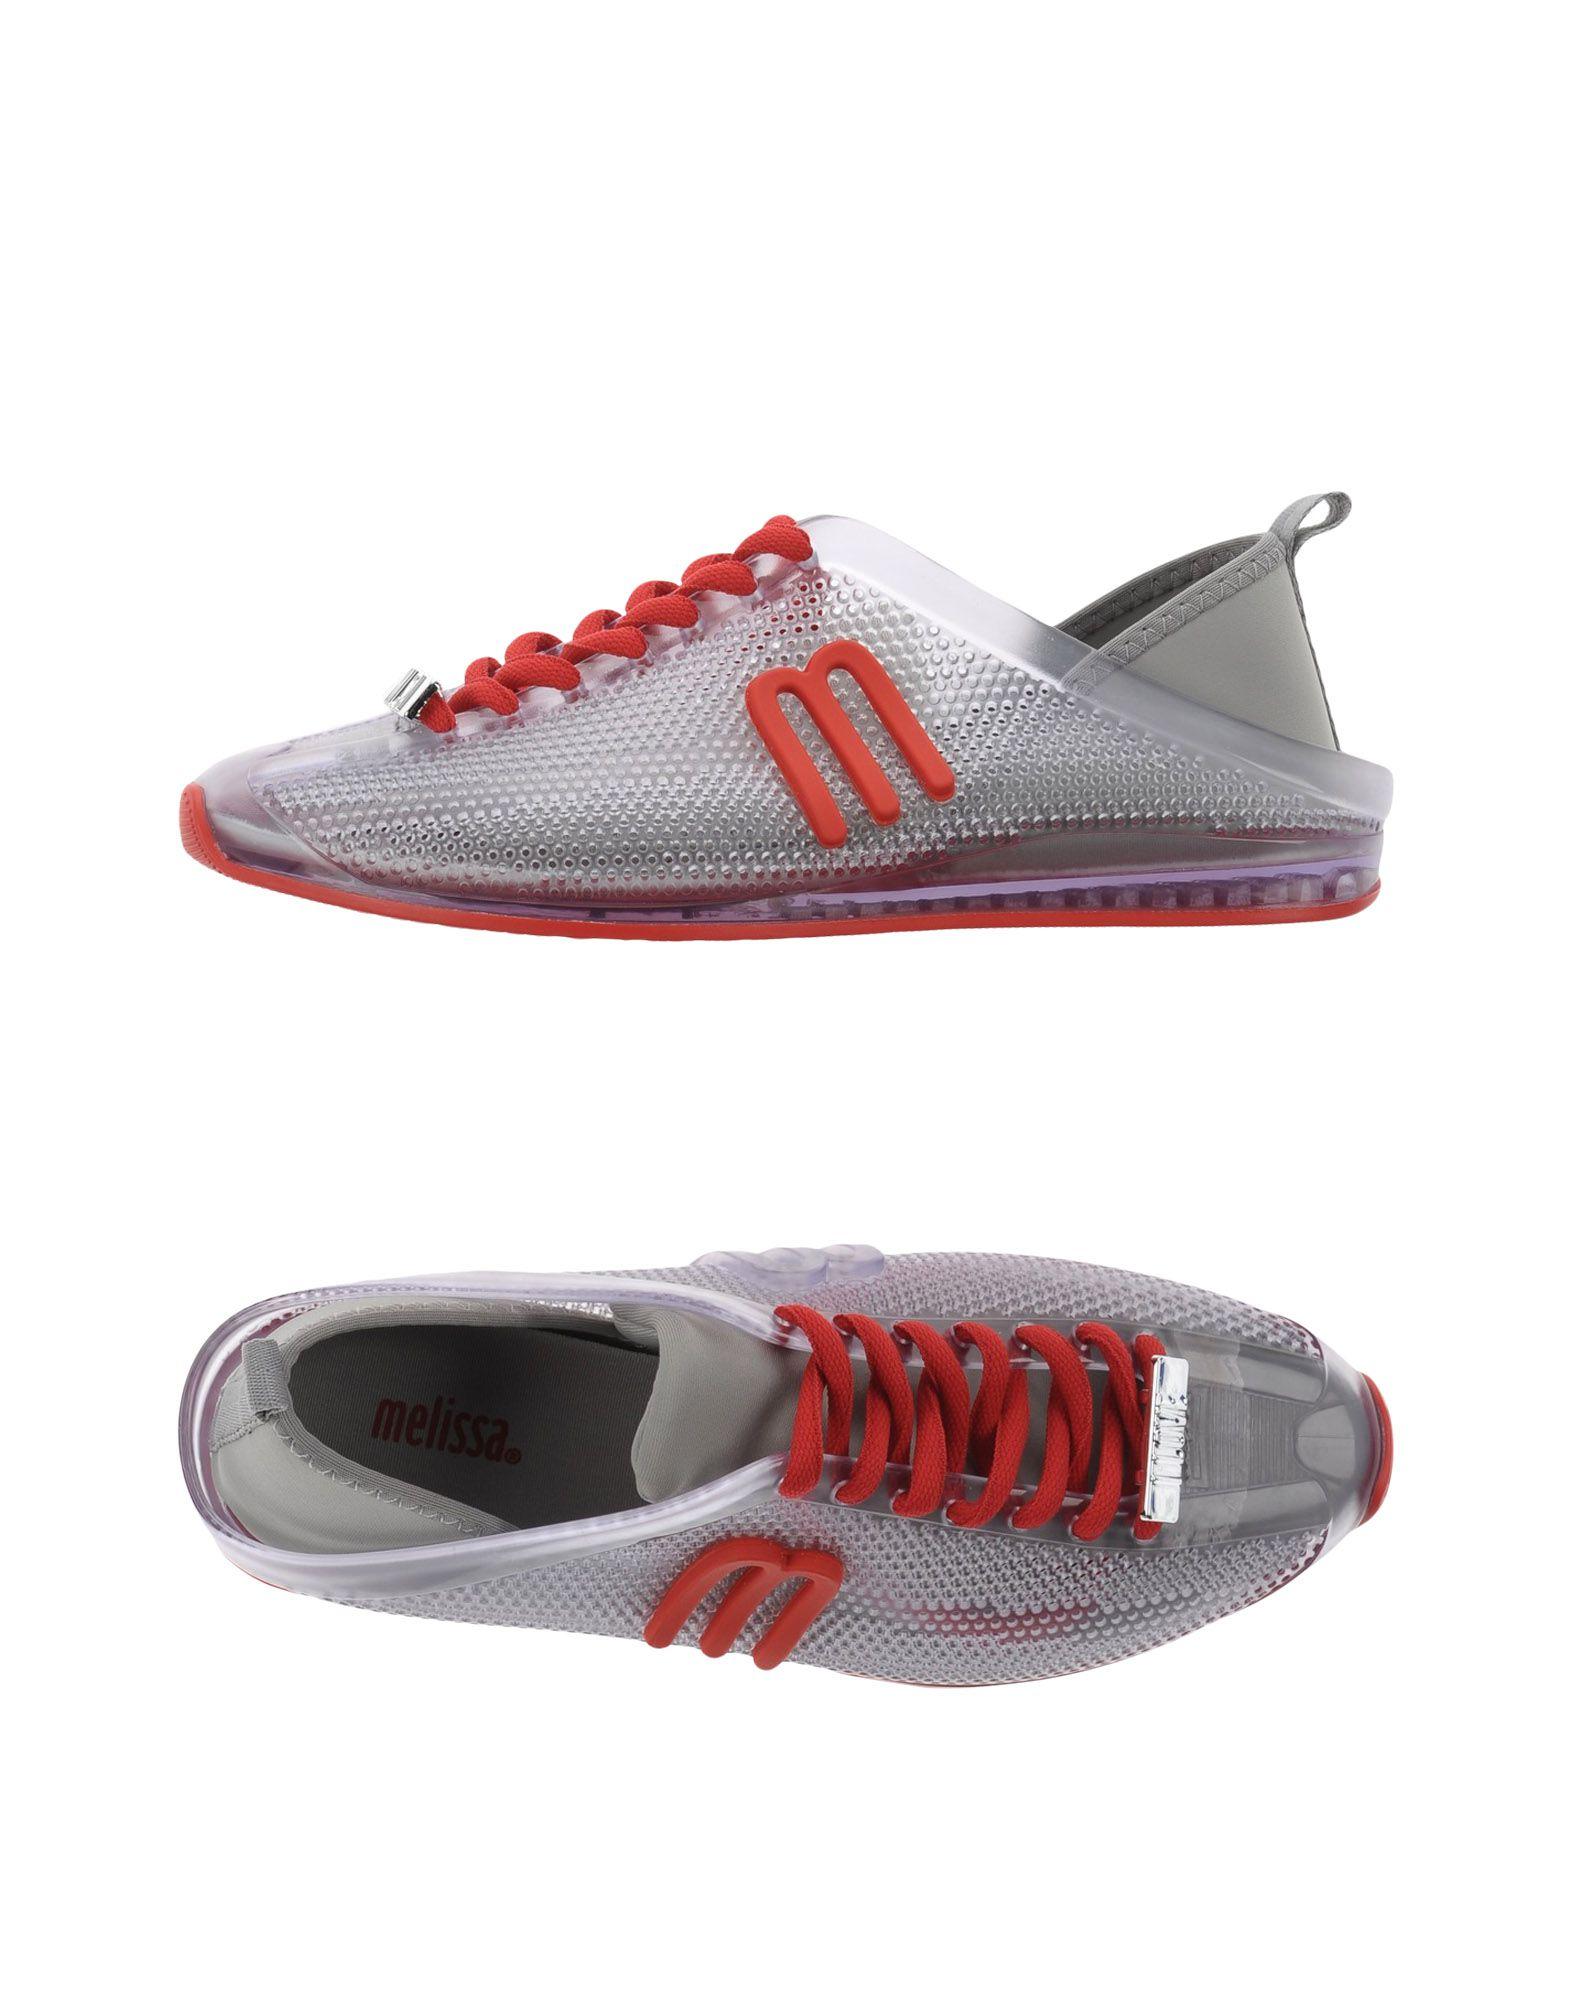 Melissa Gute Sneakers Damen  11090297LO Gute Melissa Qualität beliebte Schuhe 443a6d